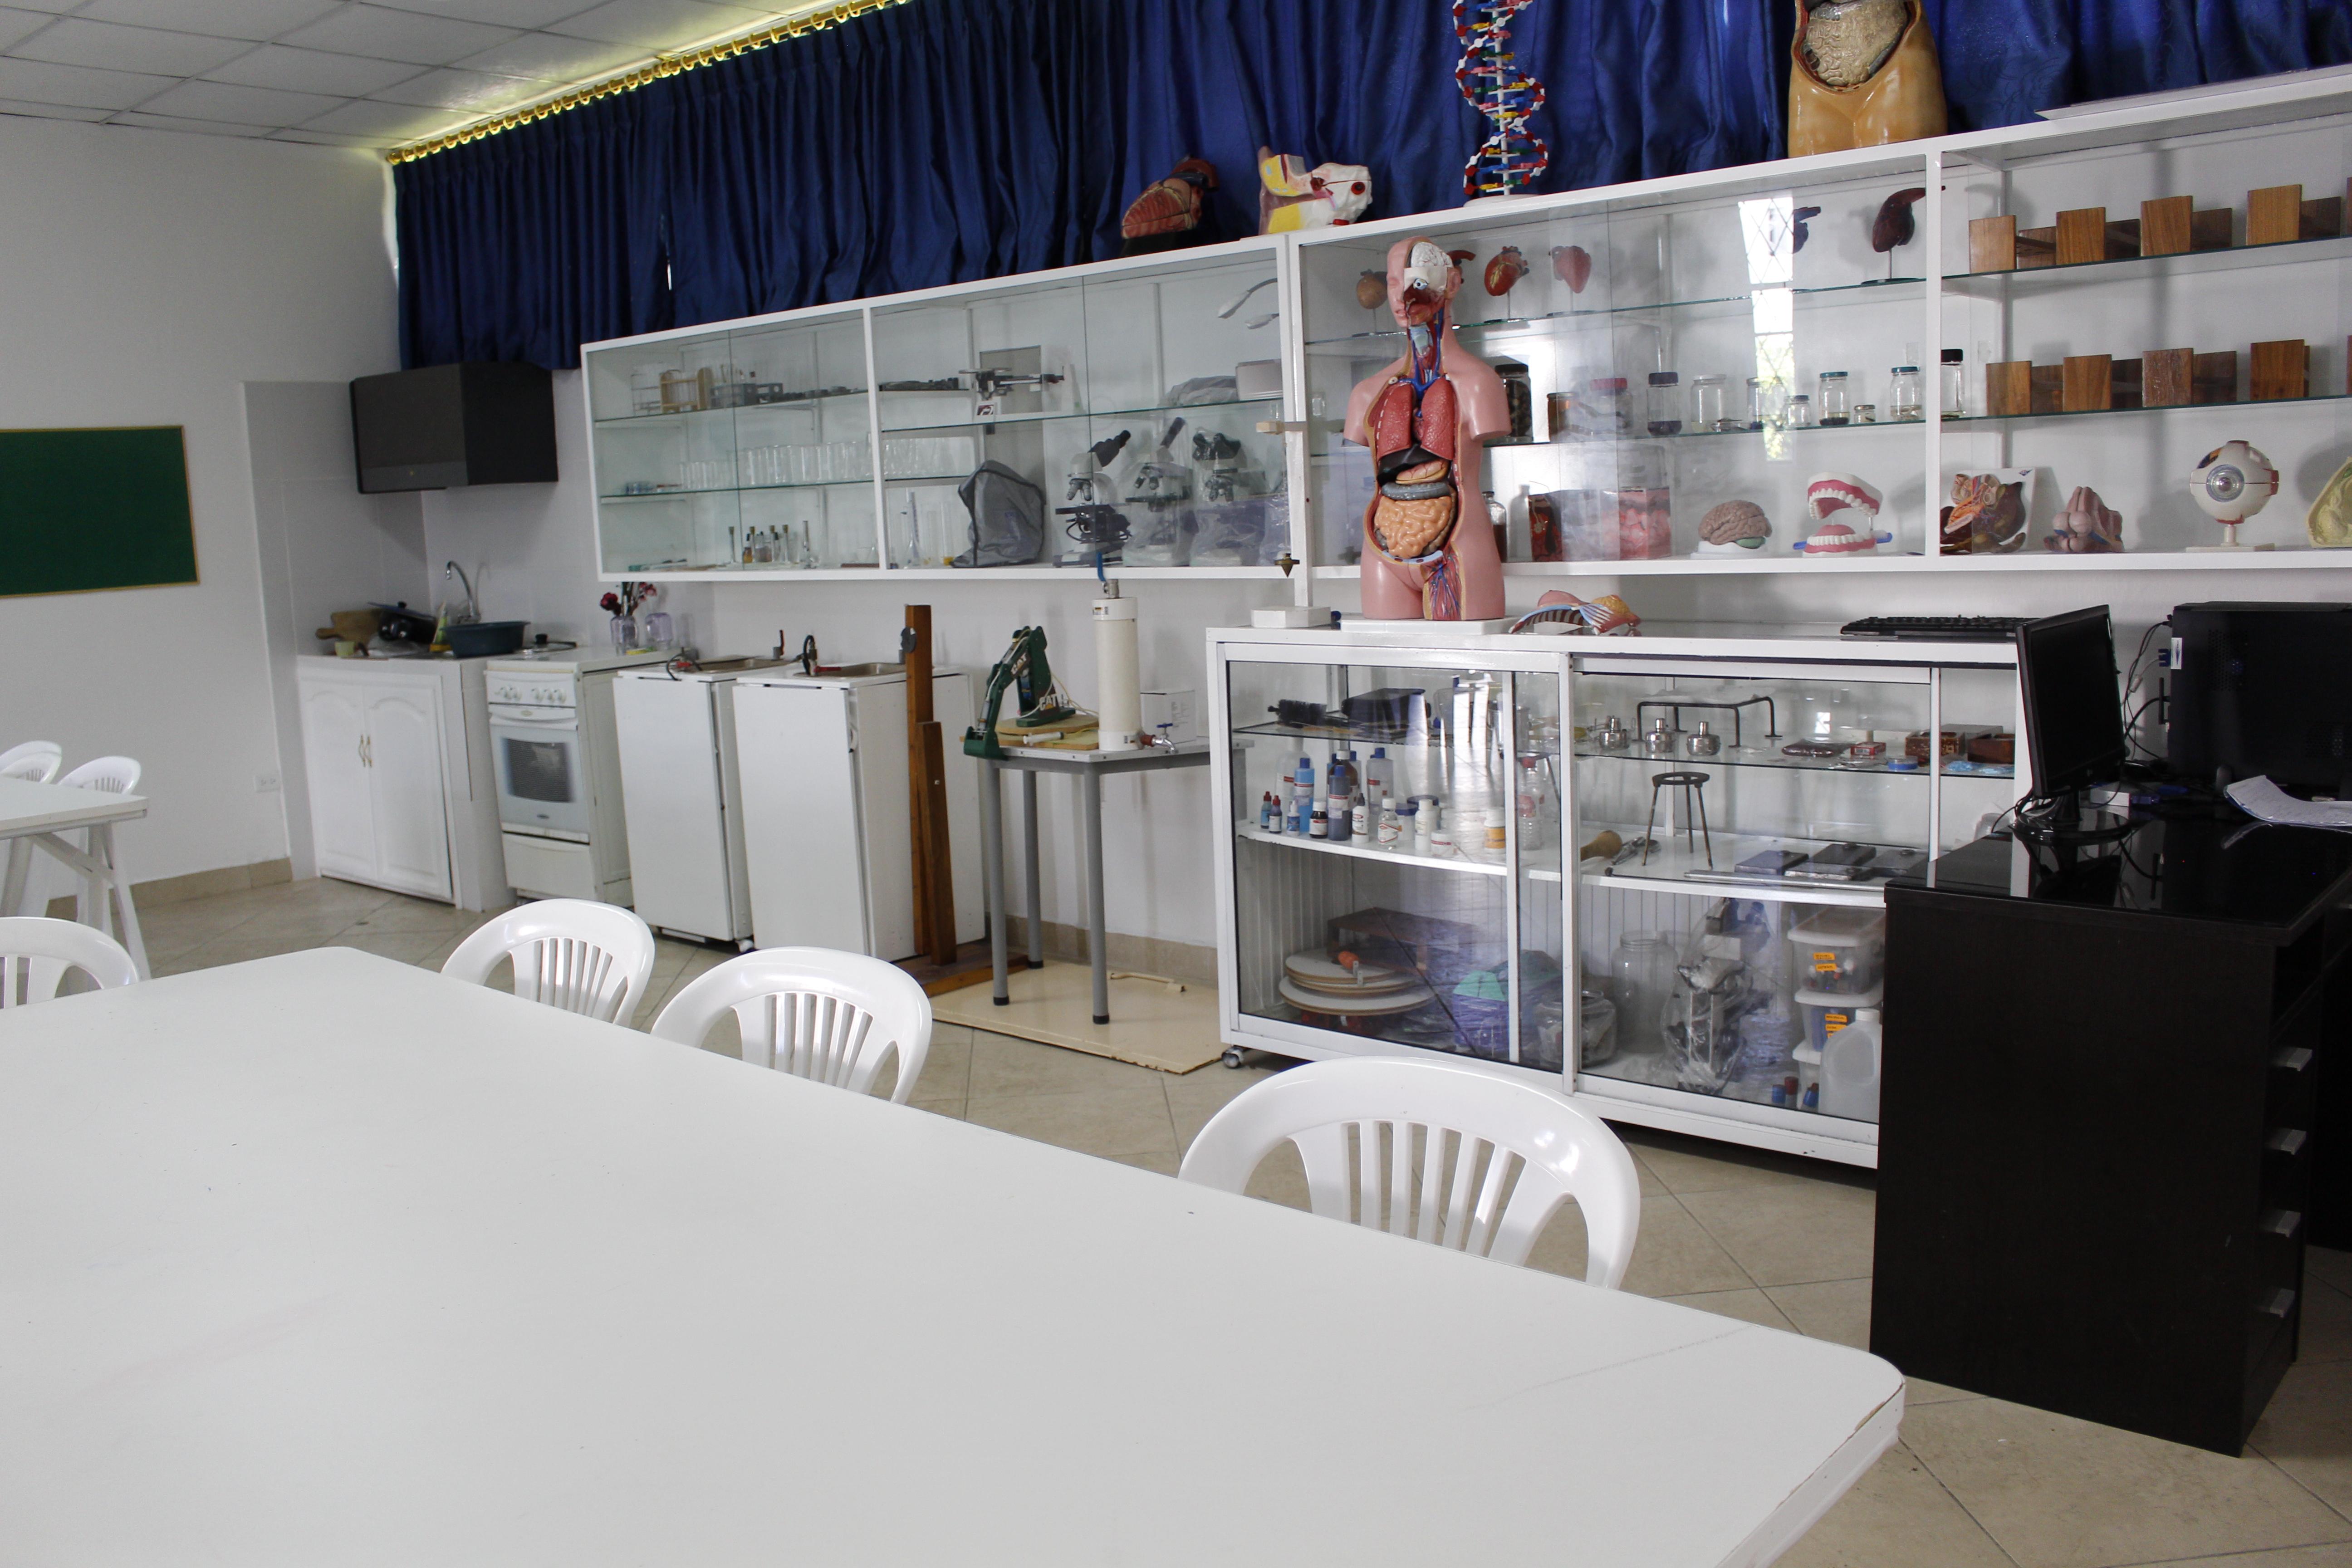 Laboratorio de Física y Química